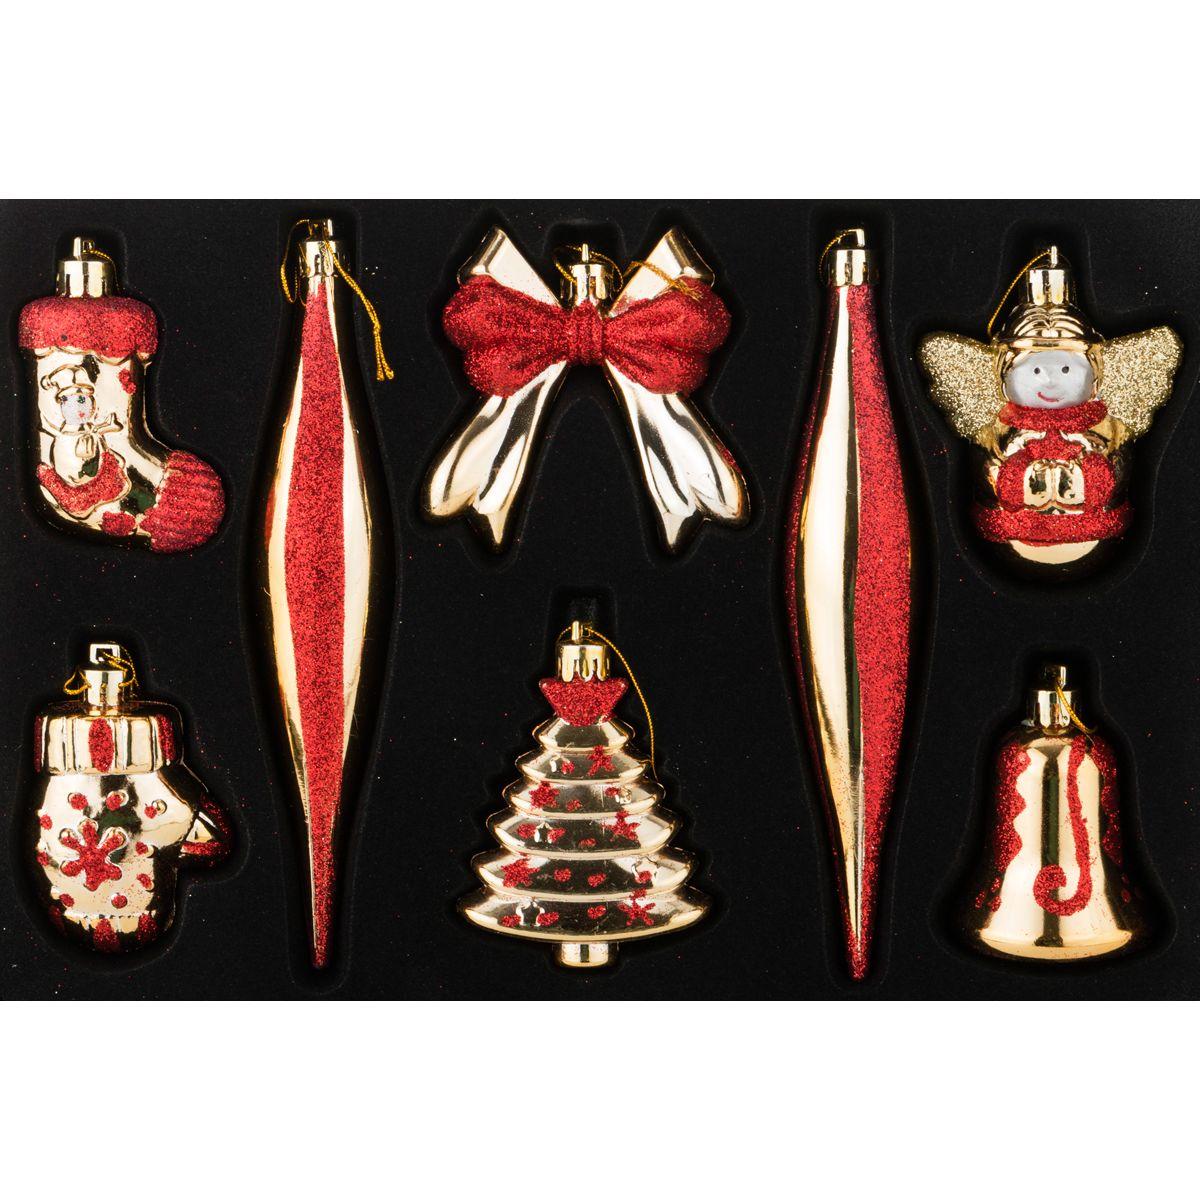 Изделие декоративное Кладовая Деда Мороза (8 шт) Lefard lfr407476